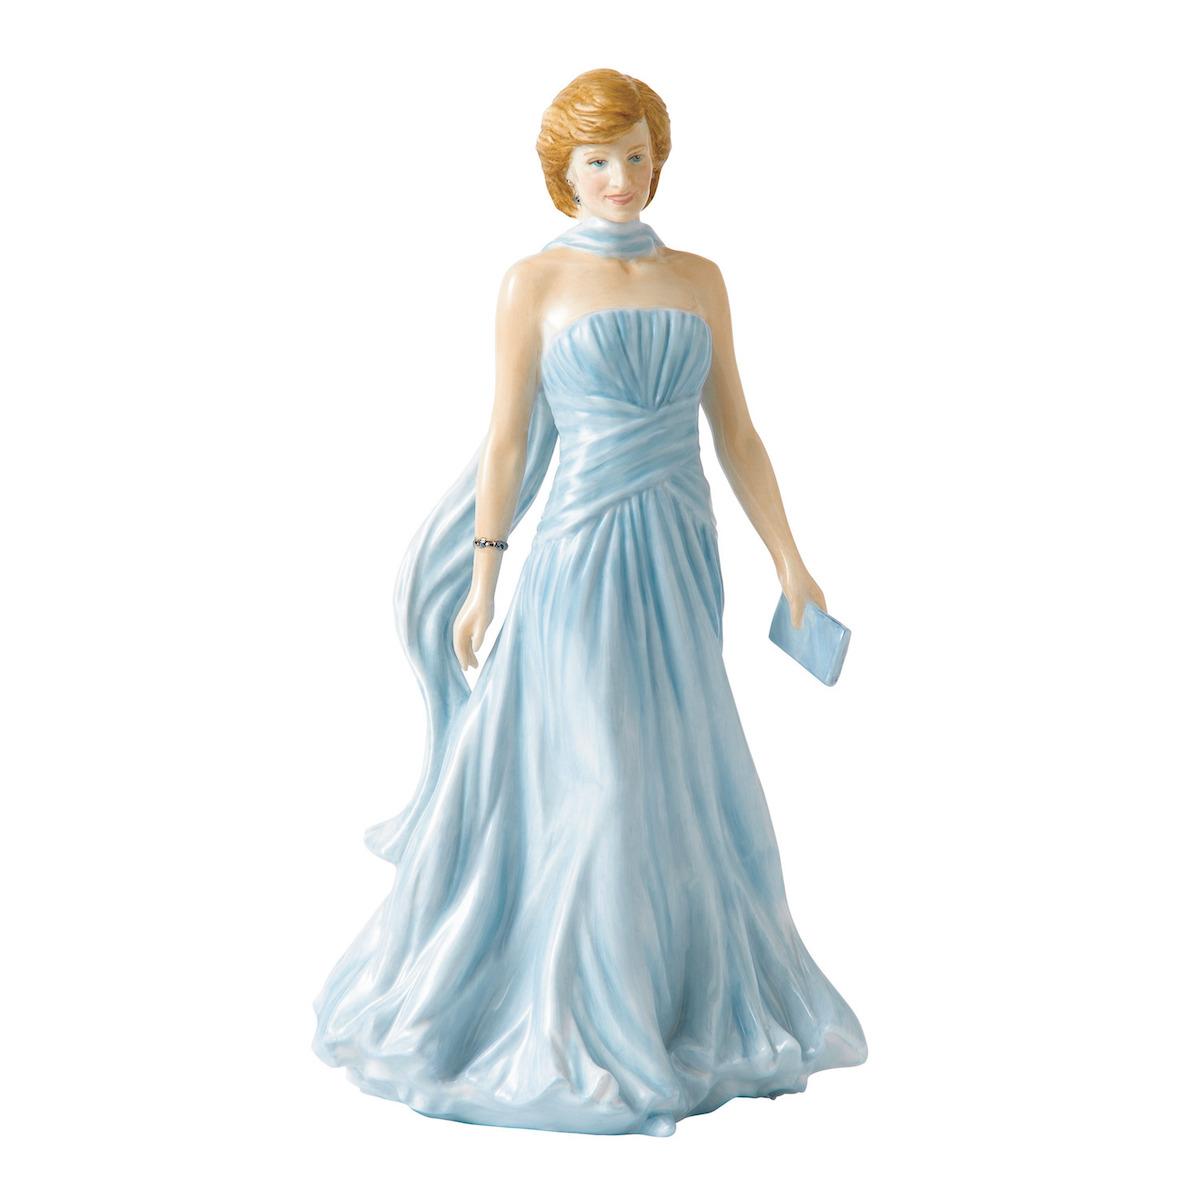 「プリンセス・ダイアナ」(H24cm)¥15,000(税抜)世界限定数3,000/国内入荷数24